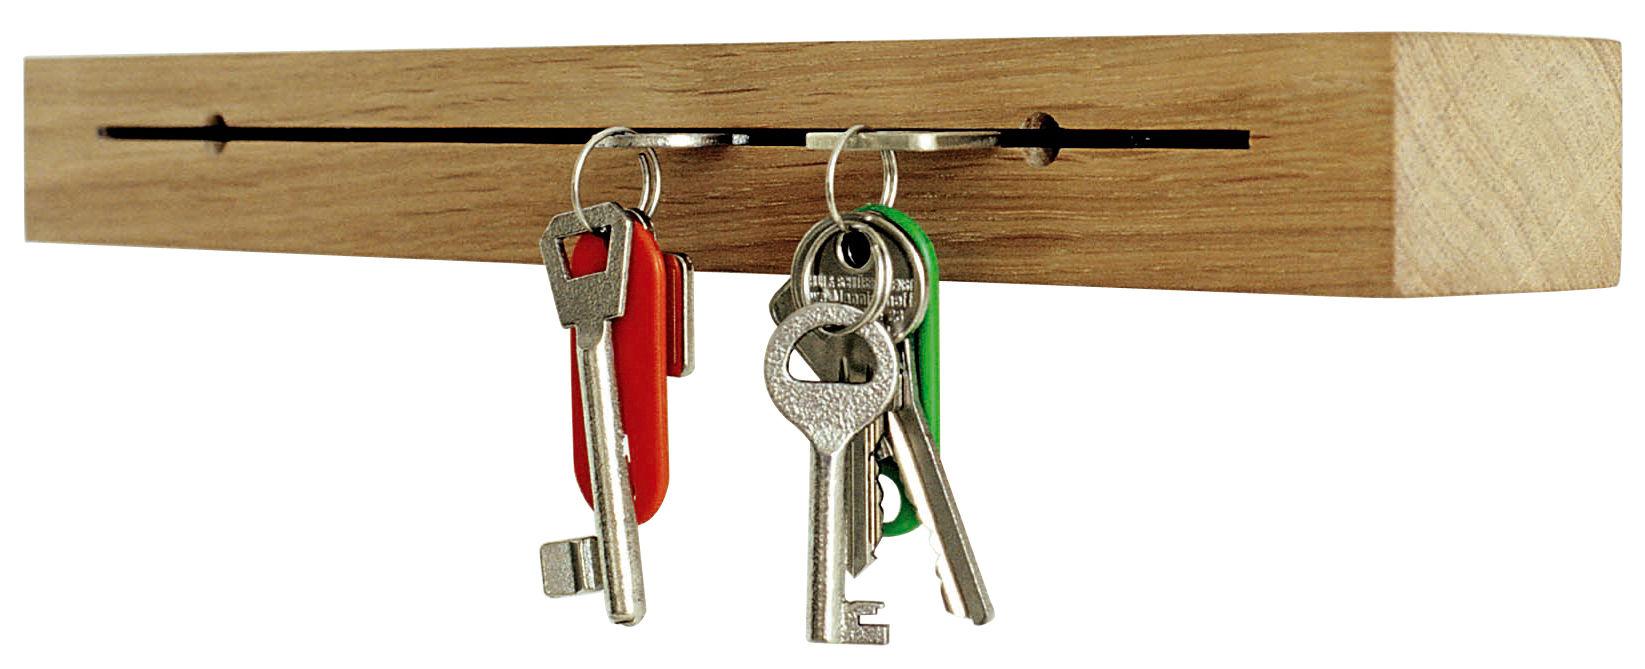 Déco - Accessoires bureau - Support à clés Key Block / Mural - Pension Für Produkte - Pop Corn - Chêne - Chêne huilé